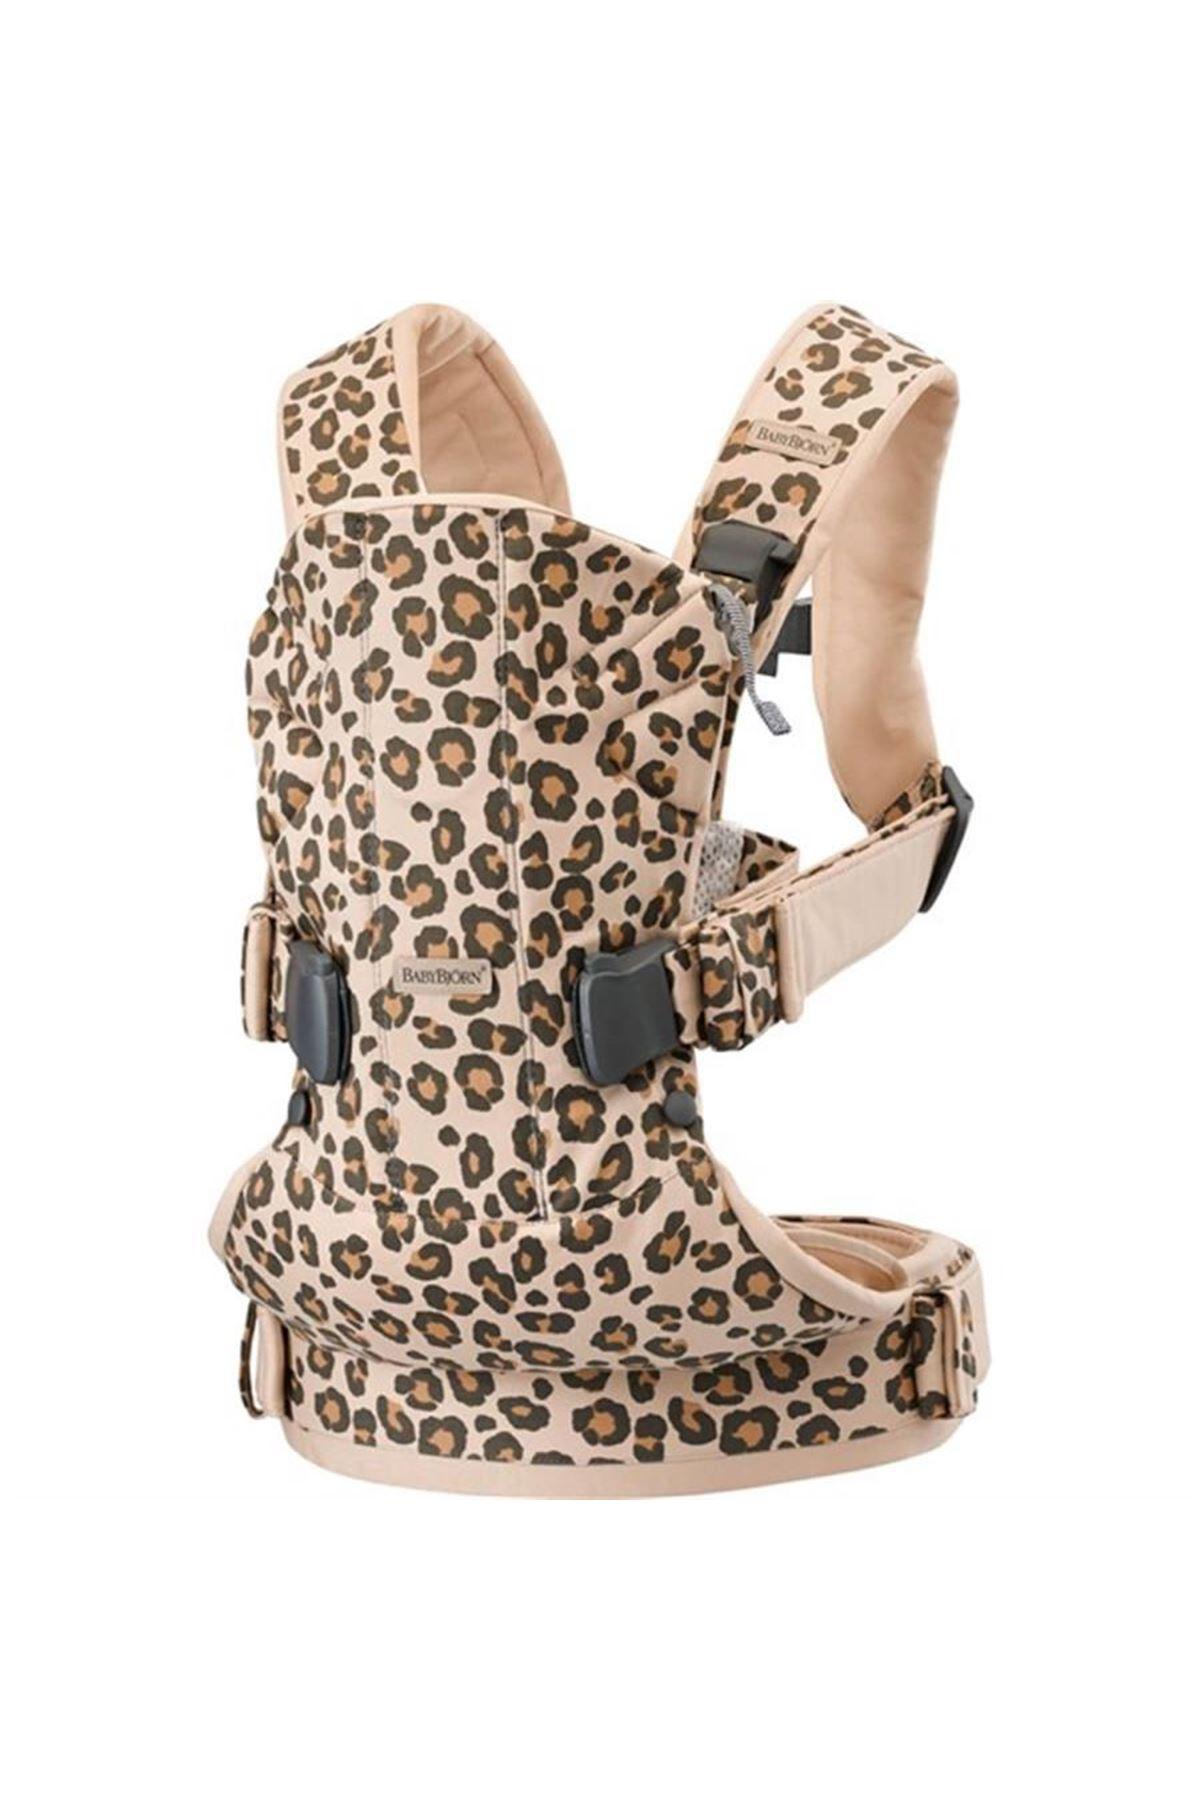 BabyBjörn Kanguru One Cotton MIX / Beige Leopard